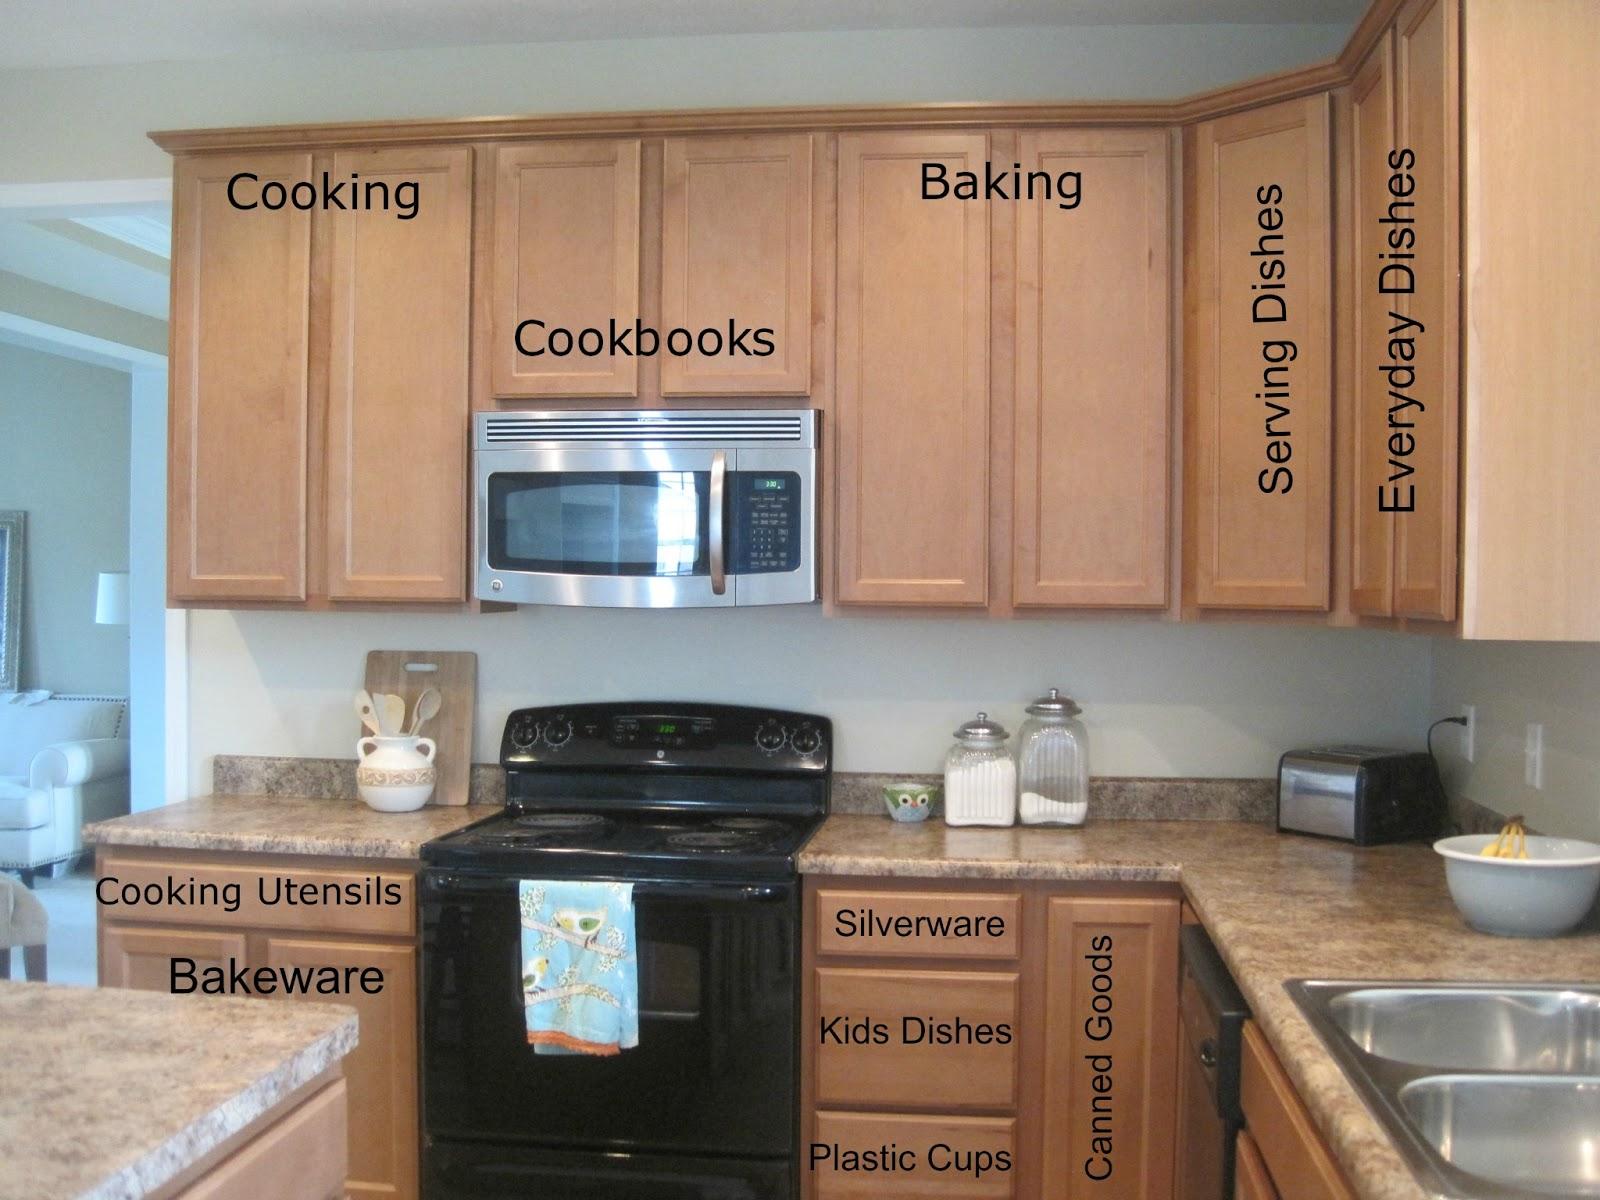 Kitchen Organization Complete